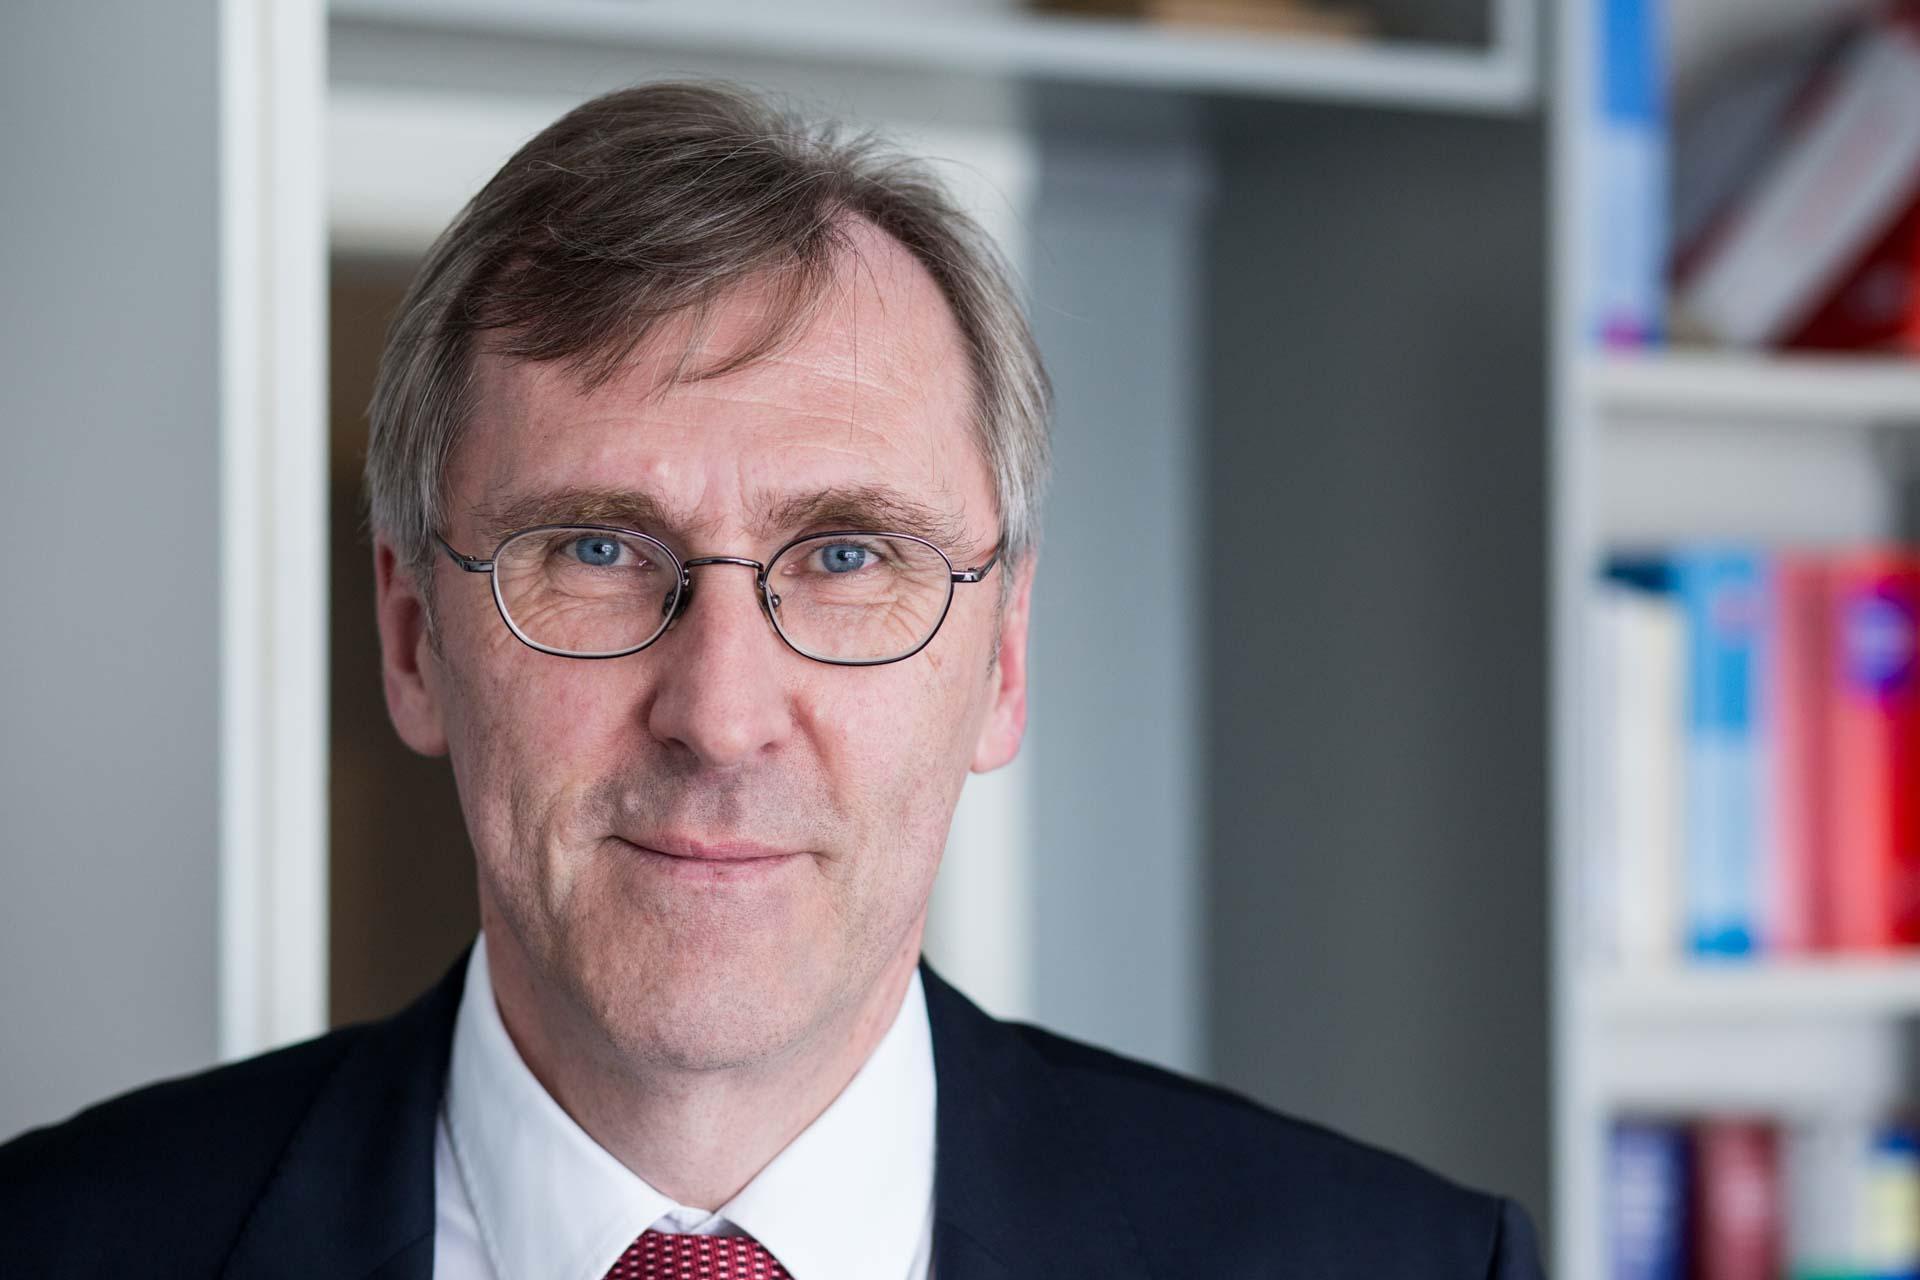 Manfred Obermeier